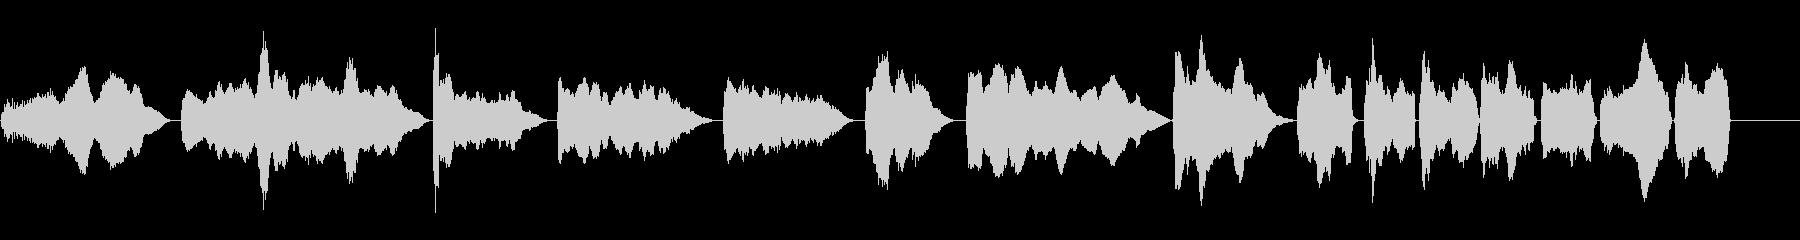 車両は未来的な音の未再生の波形